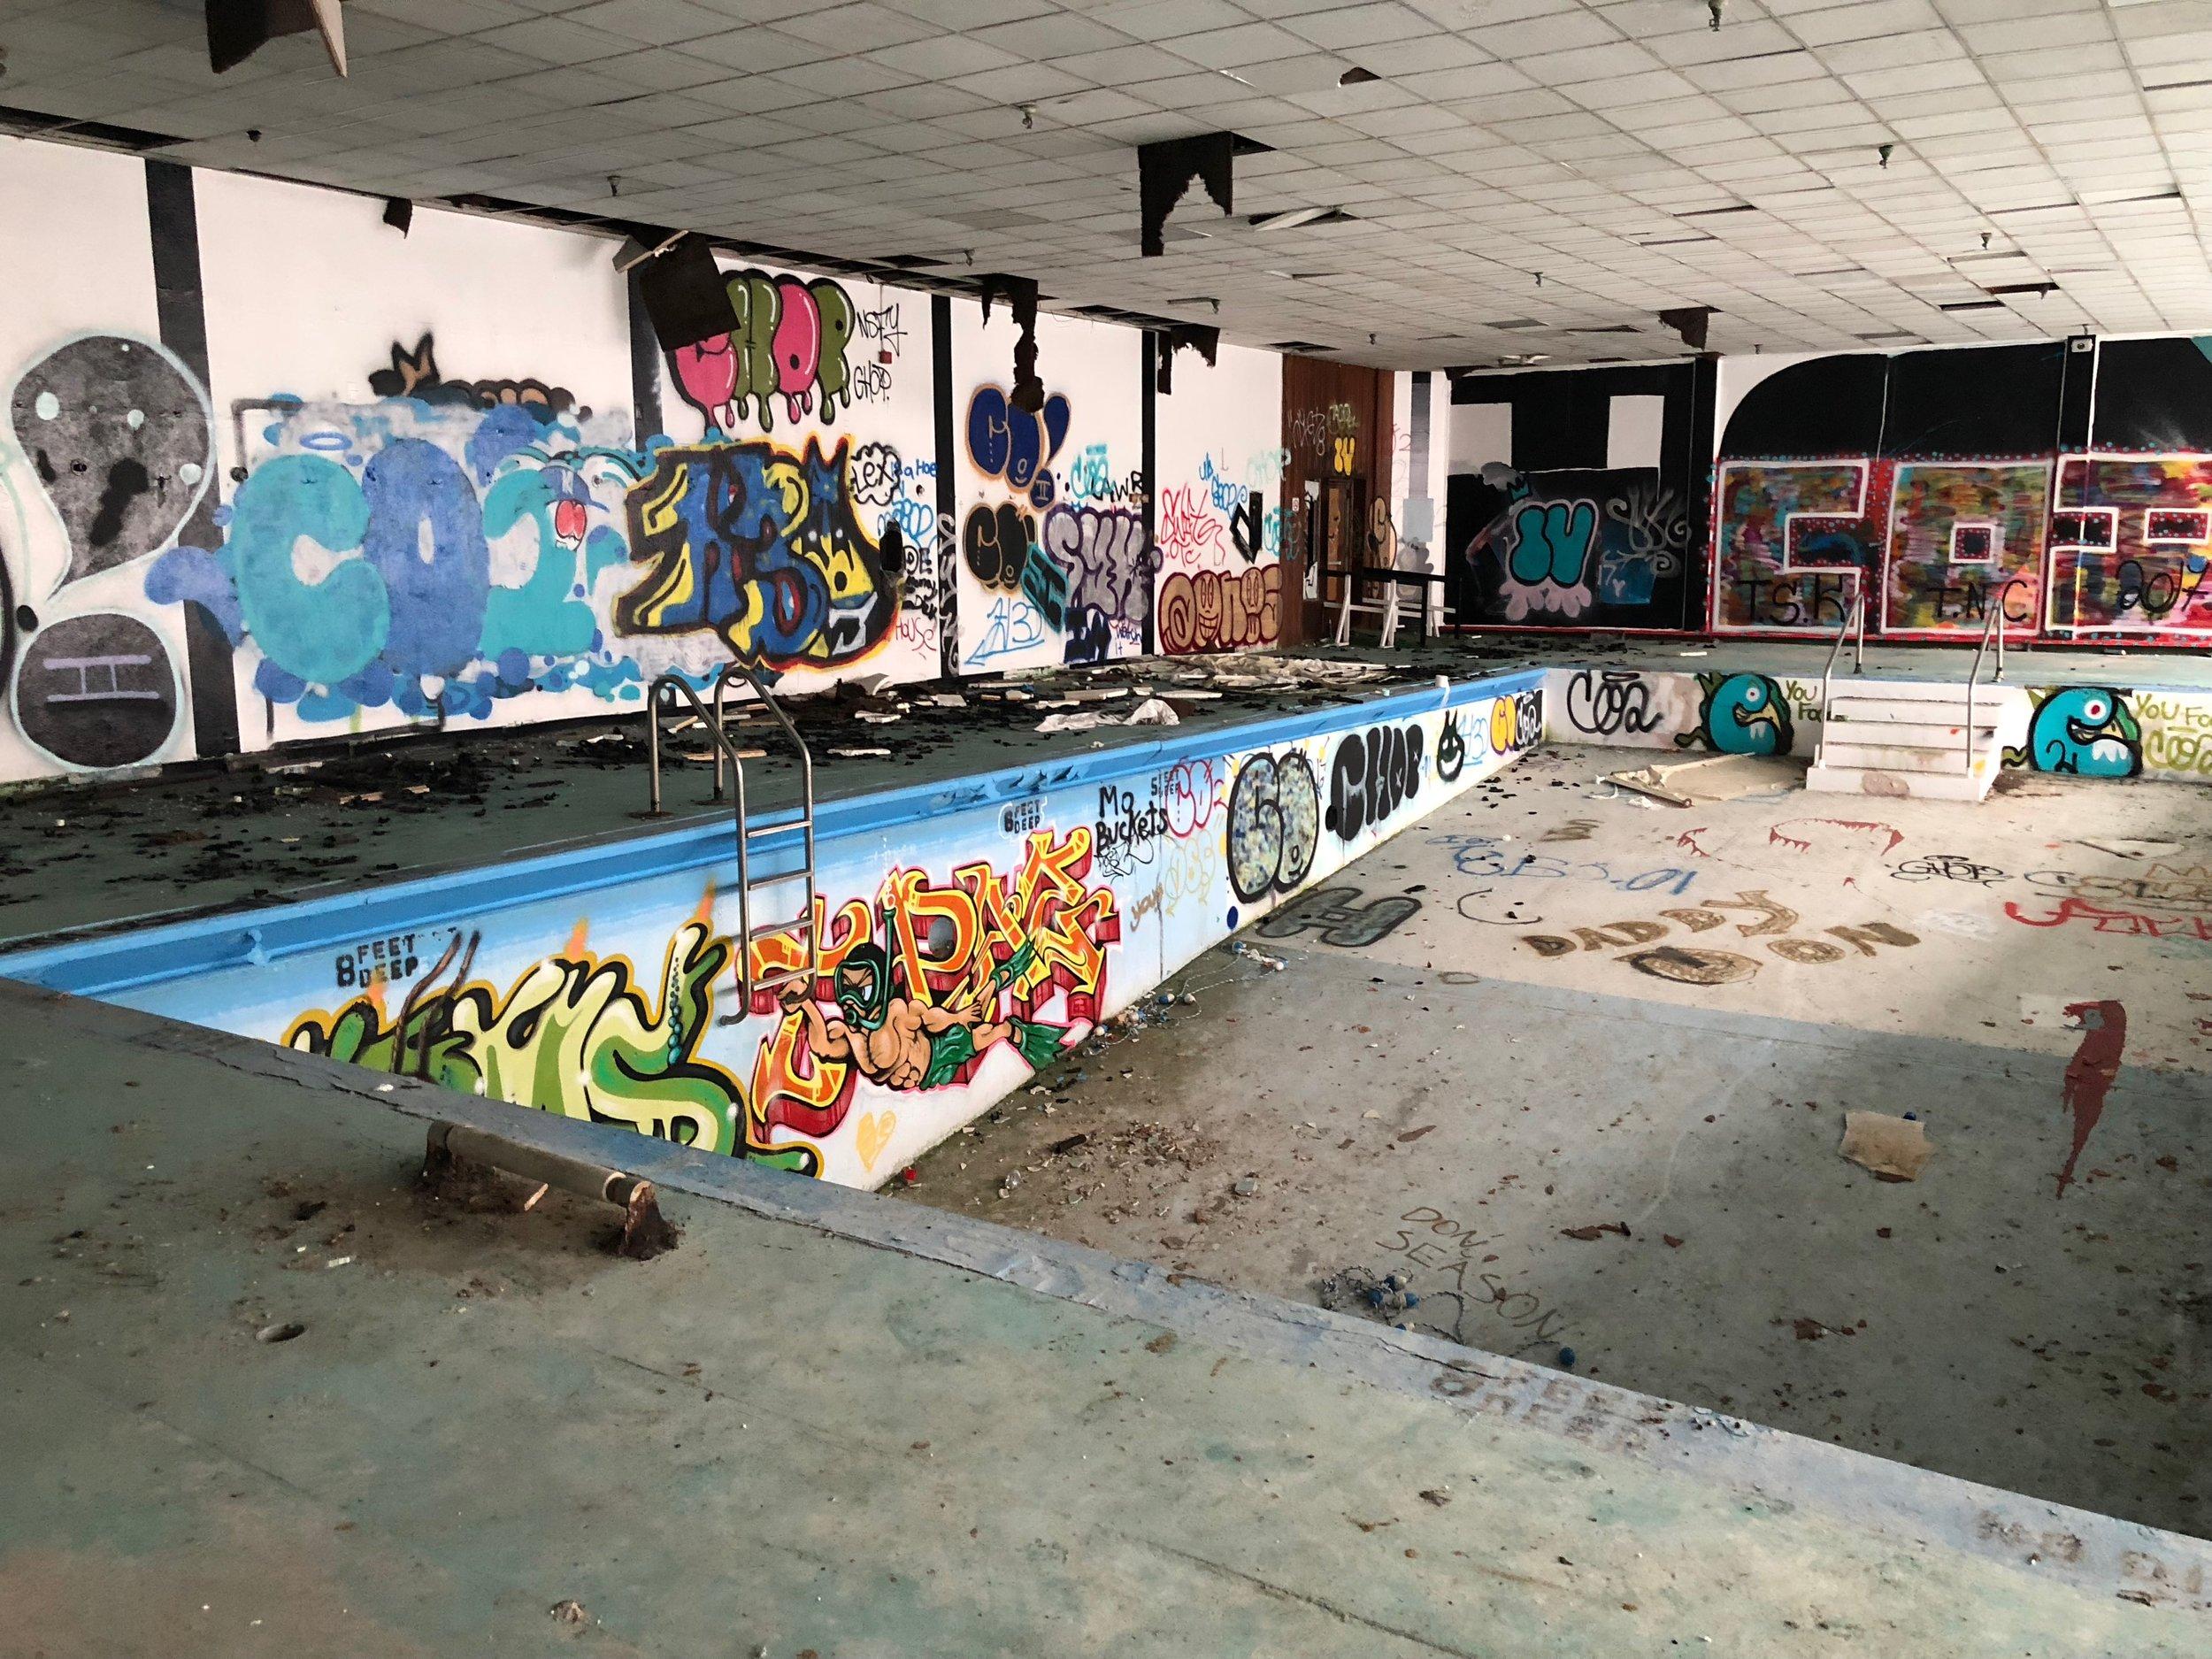 Homowack lodge indoor pool, taken 2018